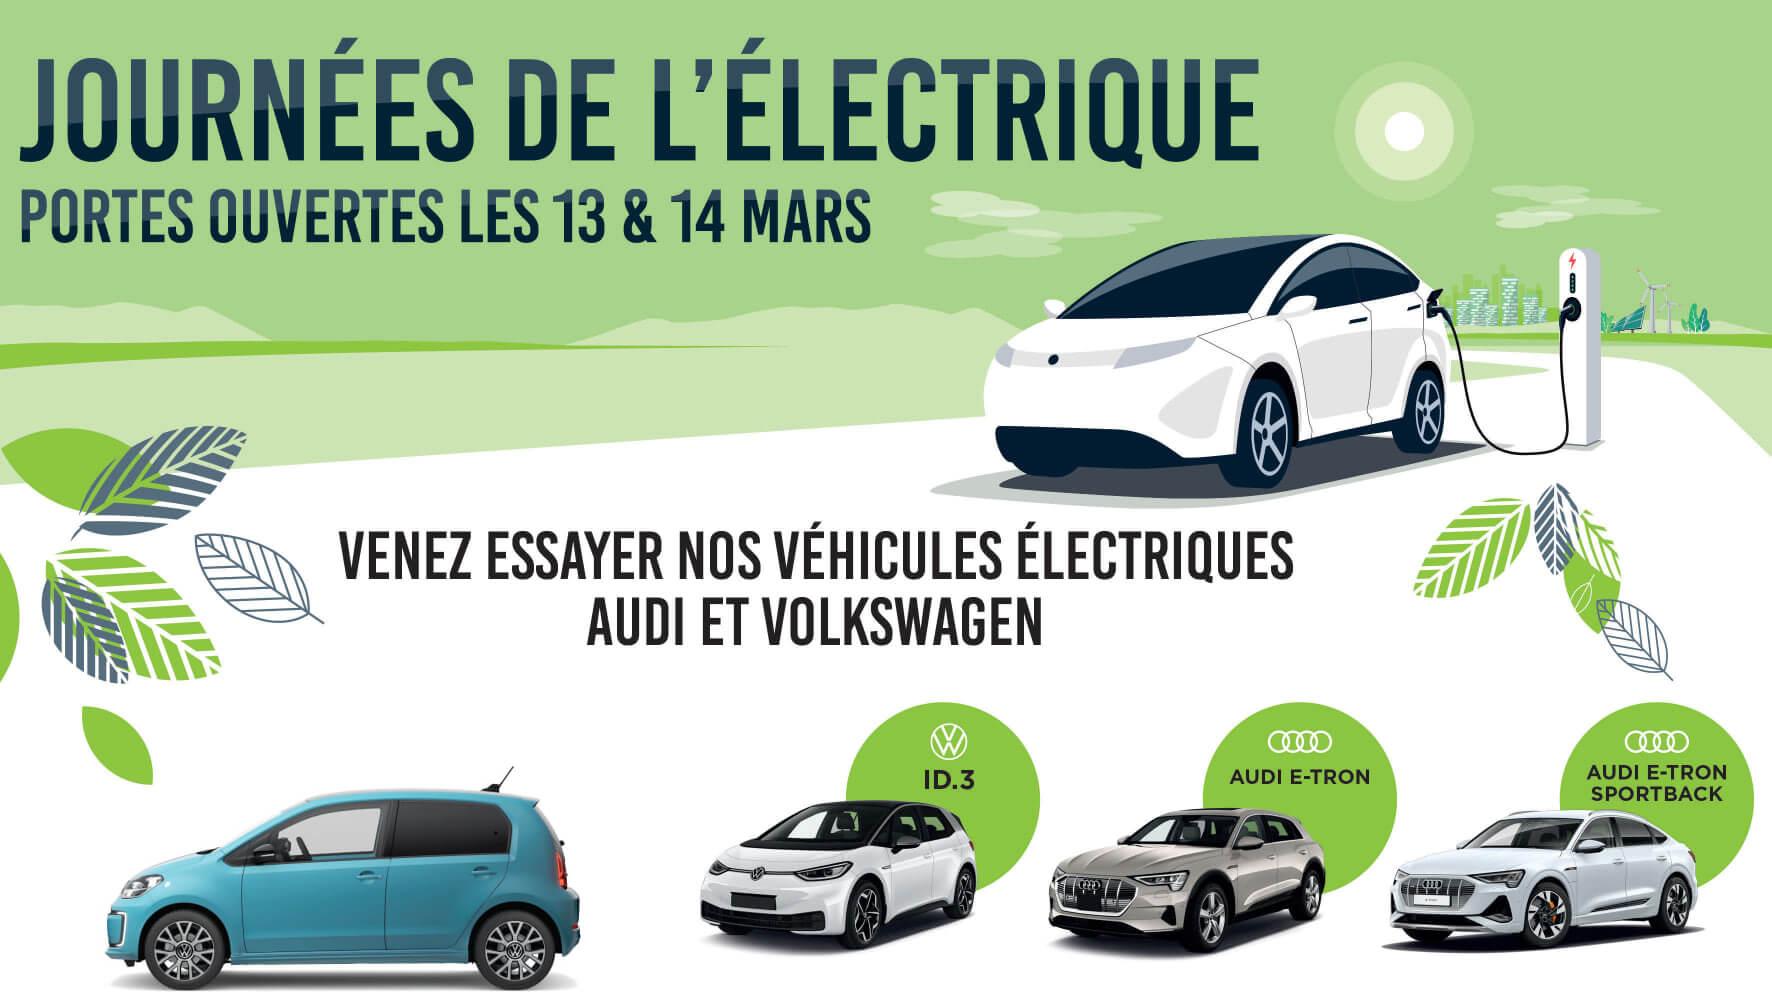 Portes Ouvertes Volkswagen - Les Journées de l'Electrique